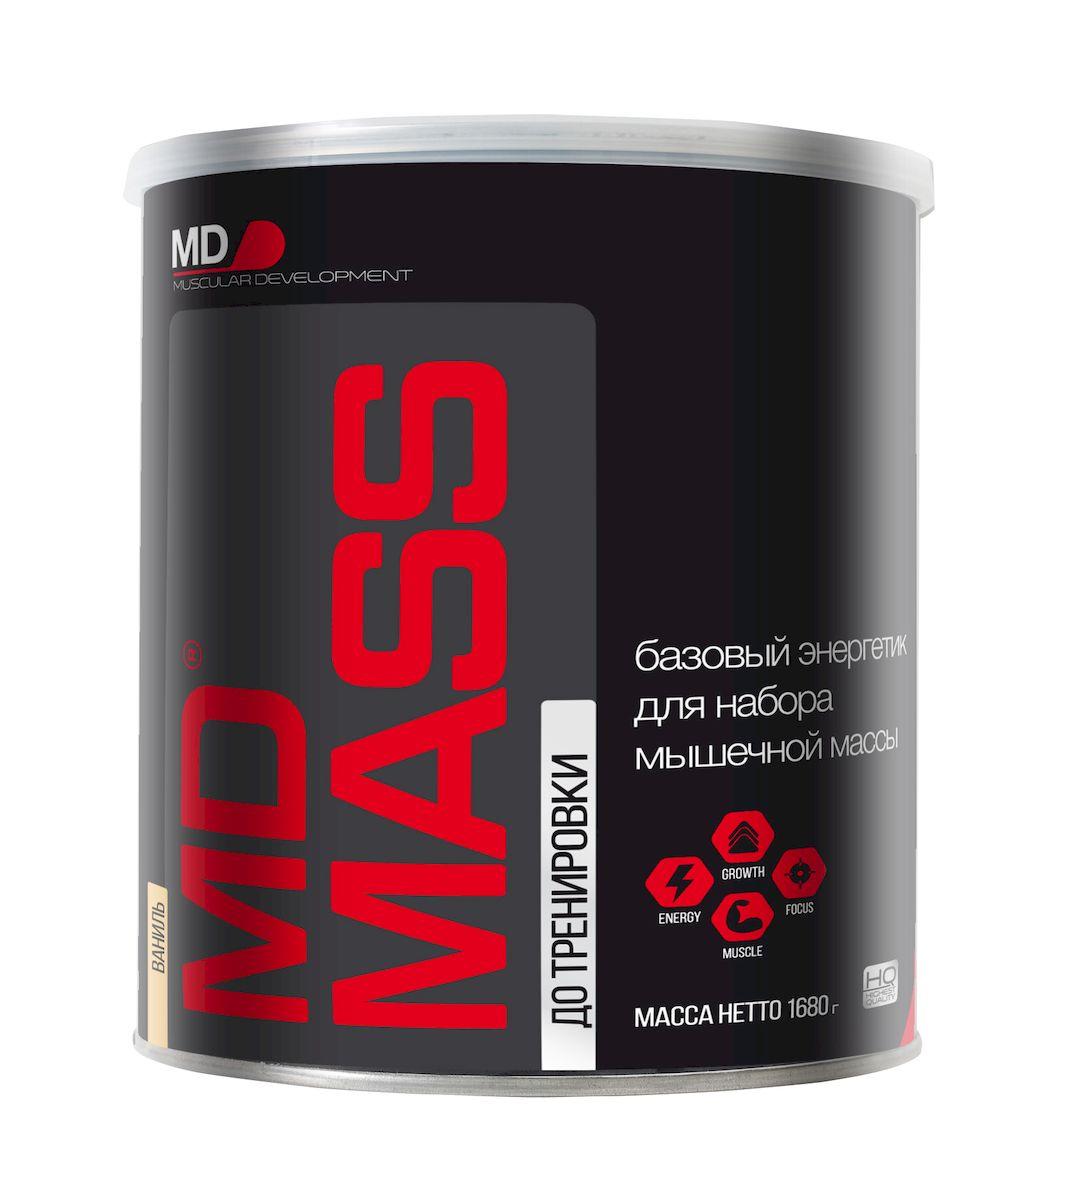 MD Энергетик Масс, 1,68 кг, ванильный4650069827352Базовый энергетик для набора мышечной массы MD Mass – формула для интенсивного набора сухой мышечной массы. MD Mass включает: Комплекс казеинатов молока, соевого и сывороточного белков, позволяющий сбалансировать аминокислотный профиль; смесь углеводов с пролонгированным временем расщепления; комплекс десяти витаминов; легкое смешивание без миксера;Состав: Белок 19 г на 10 столовых ложек (120г) с 400 мл воды, 31 г на 10 столовых ложек (120 г) с 400 мл 3% молока, углеводы 90 г на 10 столовых ложек (120г) с 400 мл воды, 109 г на 10 столовых ложек (120 г) с 400 мл 3% молока, Жир 4,2 г на 10 столовых ложек (120г) с 400 мл воды, 7,4 г 10 столовых ложек (120 г) с 400 мл 3% молока, калории 474 ккал на 10 столовых ложек (120г) с 400 мл воды, 707 ккал 10 столовых ложек (120 г) с 400 мл 3% молока, кальций 0,51 г на 10 столовых ложек (120г) с 400 мл воды, 0,87 г на 10 столовых ложек (120 г) с 400 мл 3% молока, магний 0,08 г на 10 столовых ложек (120г) с 400 мл воды, 0,13 г на 10 столовых ложек (120 г) с 400 мл 3% молока, натрий 250 мг на 10 столовых ложек (120г) с 400 мл воды, 450 мг 10 столовых ложек (120 г) с 400 мл 3% молока, калий 240 мг на 10 столовых ложек (120г) с 400 мл воды, 300 мг 10 столовых ложек (120 г) с 400 мл 3% молока,Фосфор 420 мг на 10 столовых ложек (120г) с 400 мл воды, 740мг на 10 столовых ложек (120 г) с 400 мл 3% молока. Добавленные витамины: Витамин C 79мг, витамин E 19,8мг, витамин B1 2,7мг, витамин B2 2,5мг, витамин B6 3,5мг, витамин B12 1,5мкг, витамин B3 23,5мг, витамин H 0,19мг, пантотеновая кислота 15,1мг, фолиевая кислота 0,53мг. Аминокислотный состав (на 100 г белка) Аланин 4230 мг, аргинин 4200 мг, аспарагиновая кислота 8070 мг, цистеин 670 мг, глютаминовая кислота 16570 мг, глицин 3870 мг,* гистидин 2130 мг, * изолейцин 4900 мг, * лейцин 6730 мг, * лизин 6170 мг, * метионин 1570 мг, * фенилаланин 3600 мг, пролин 6430 мг, серин 5930 мг.